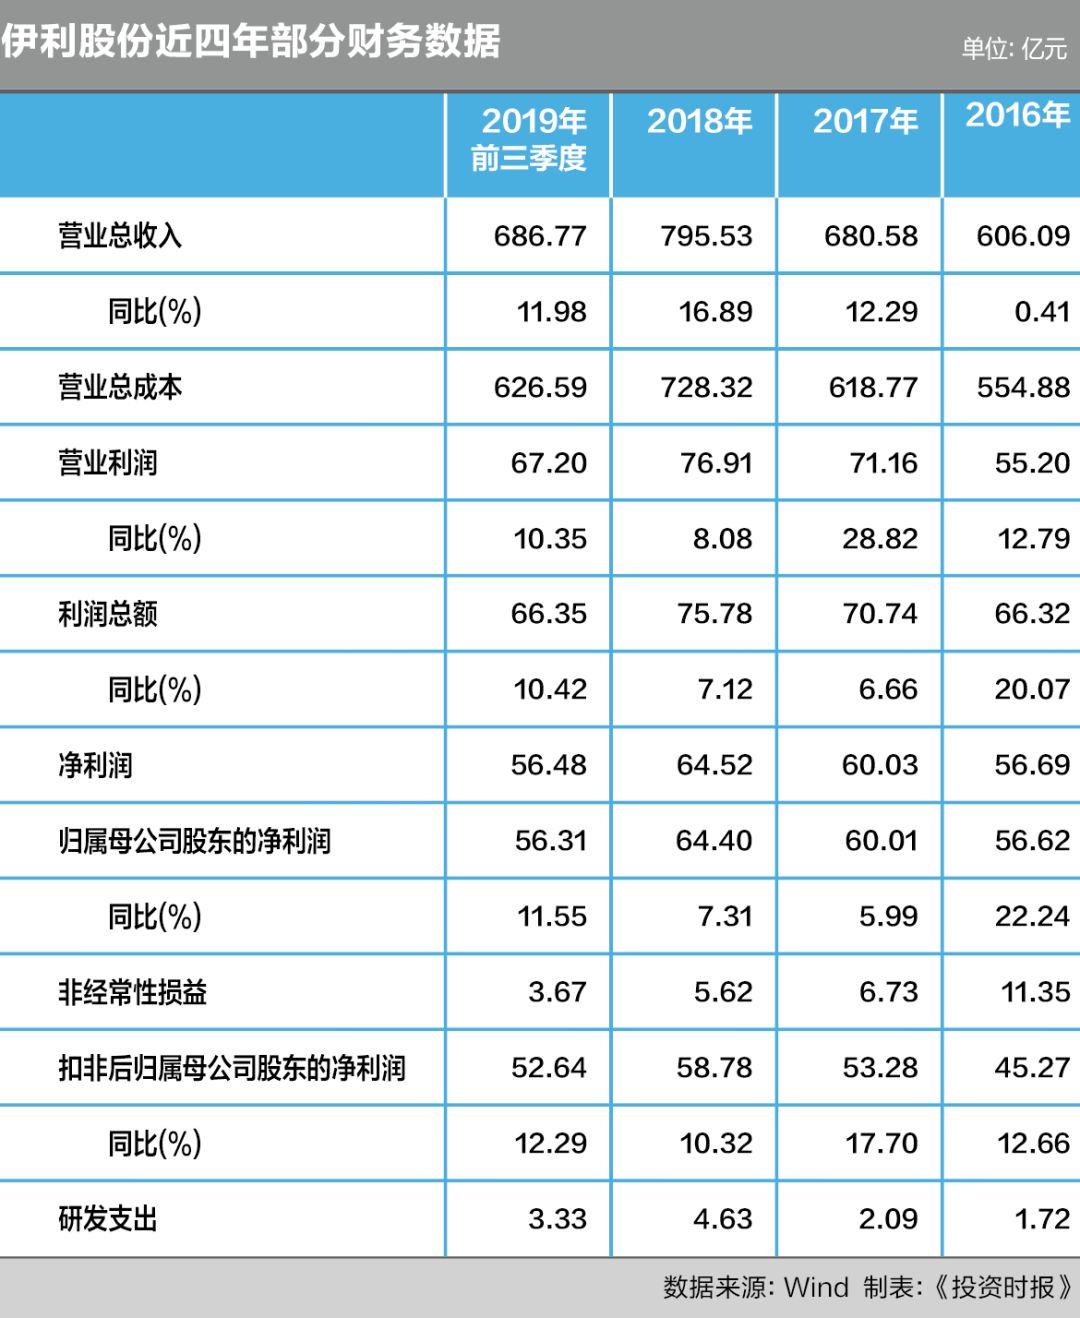 bbin游戏可以换钱的 - 上海家化去年净利润增约四成 2019望佰草集品牌复苏